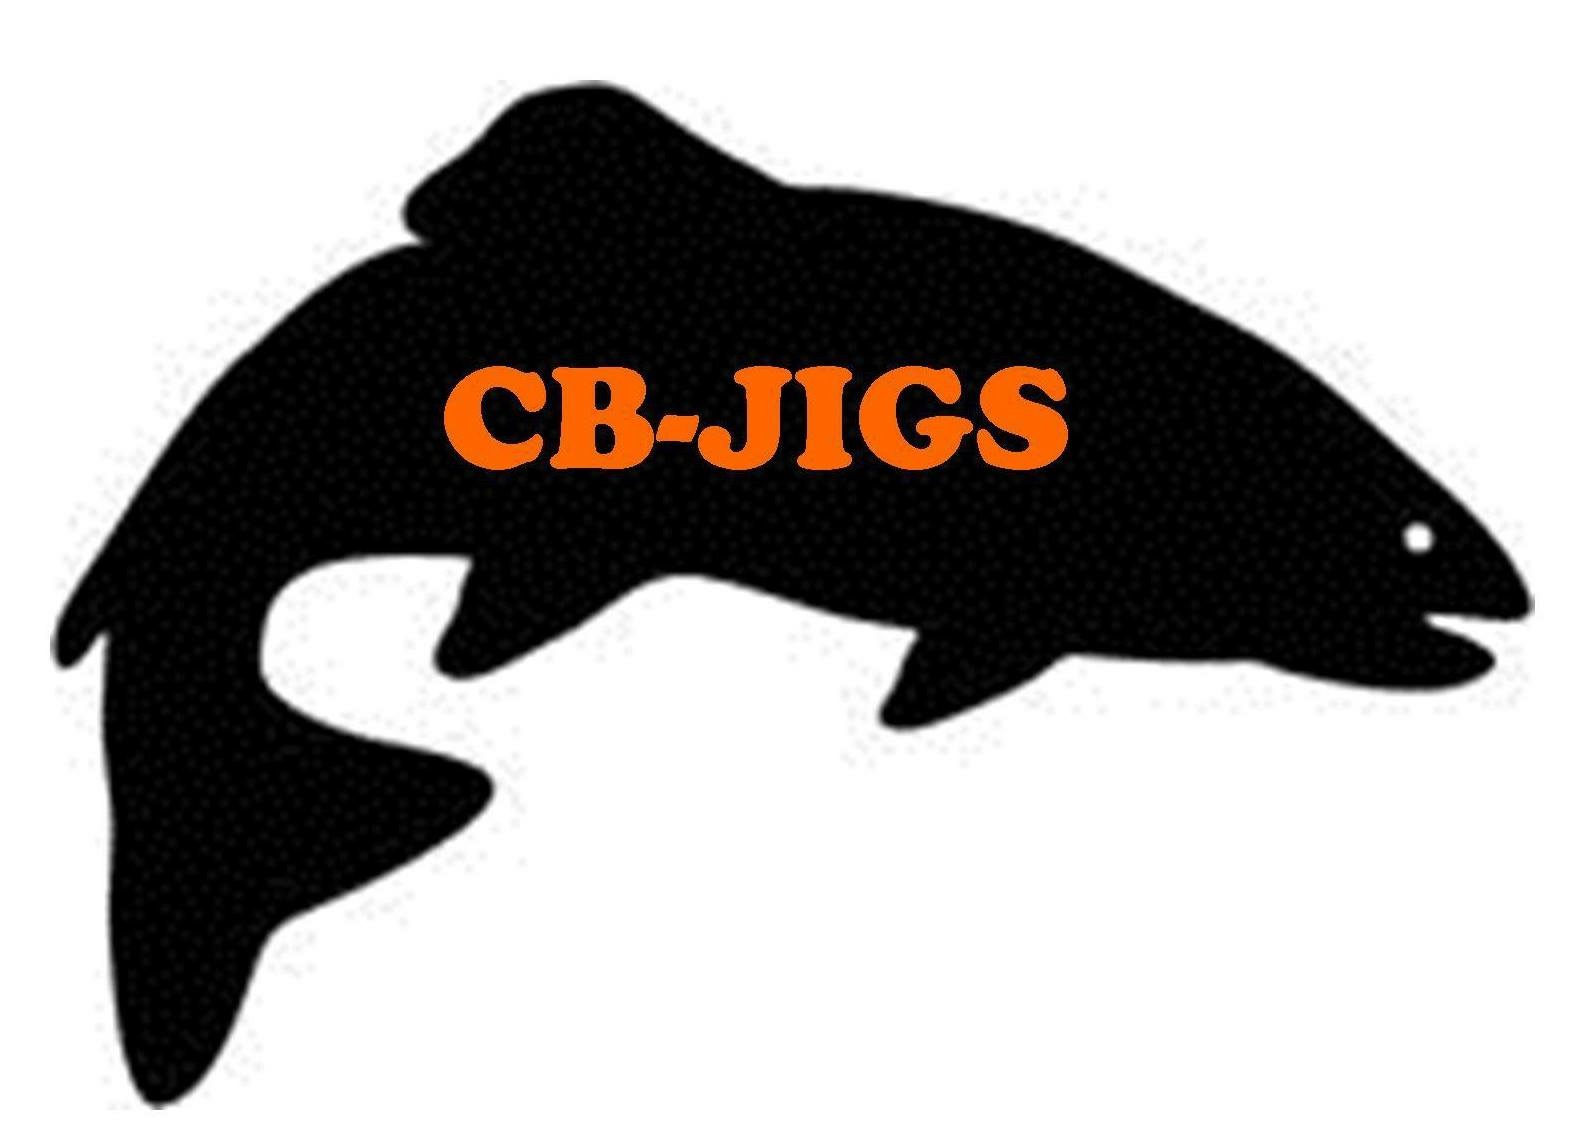 CB Jigs